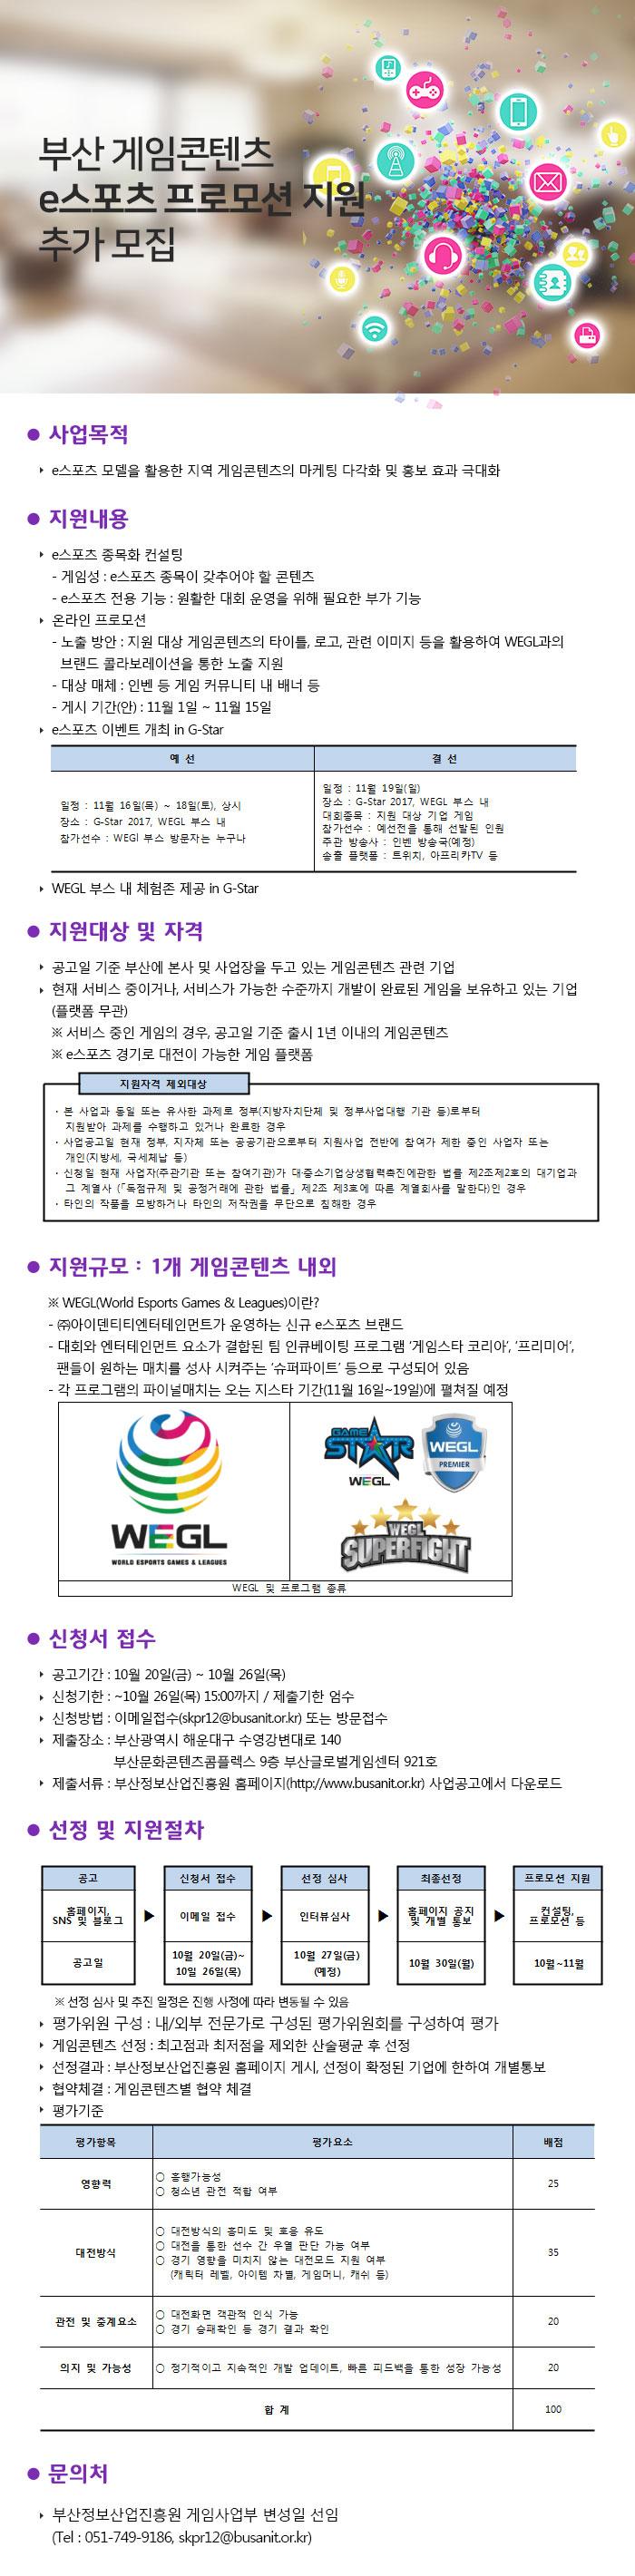 부산 게임콘텐츠 e스포츠 프로모션 지원 사업 추가 모집